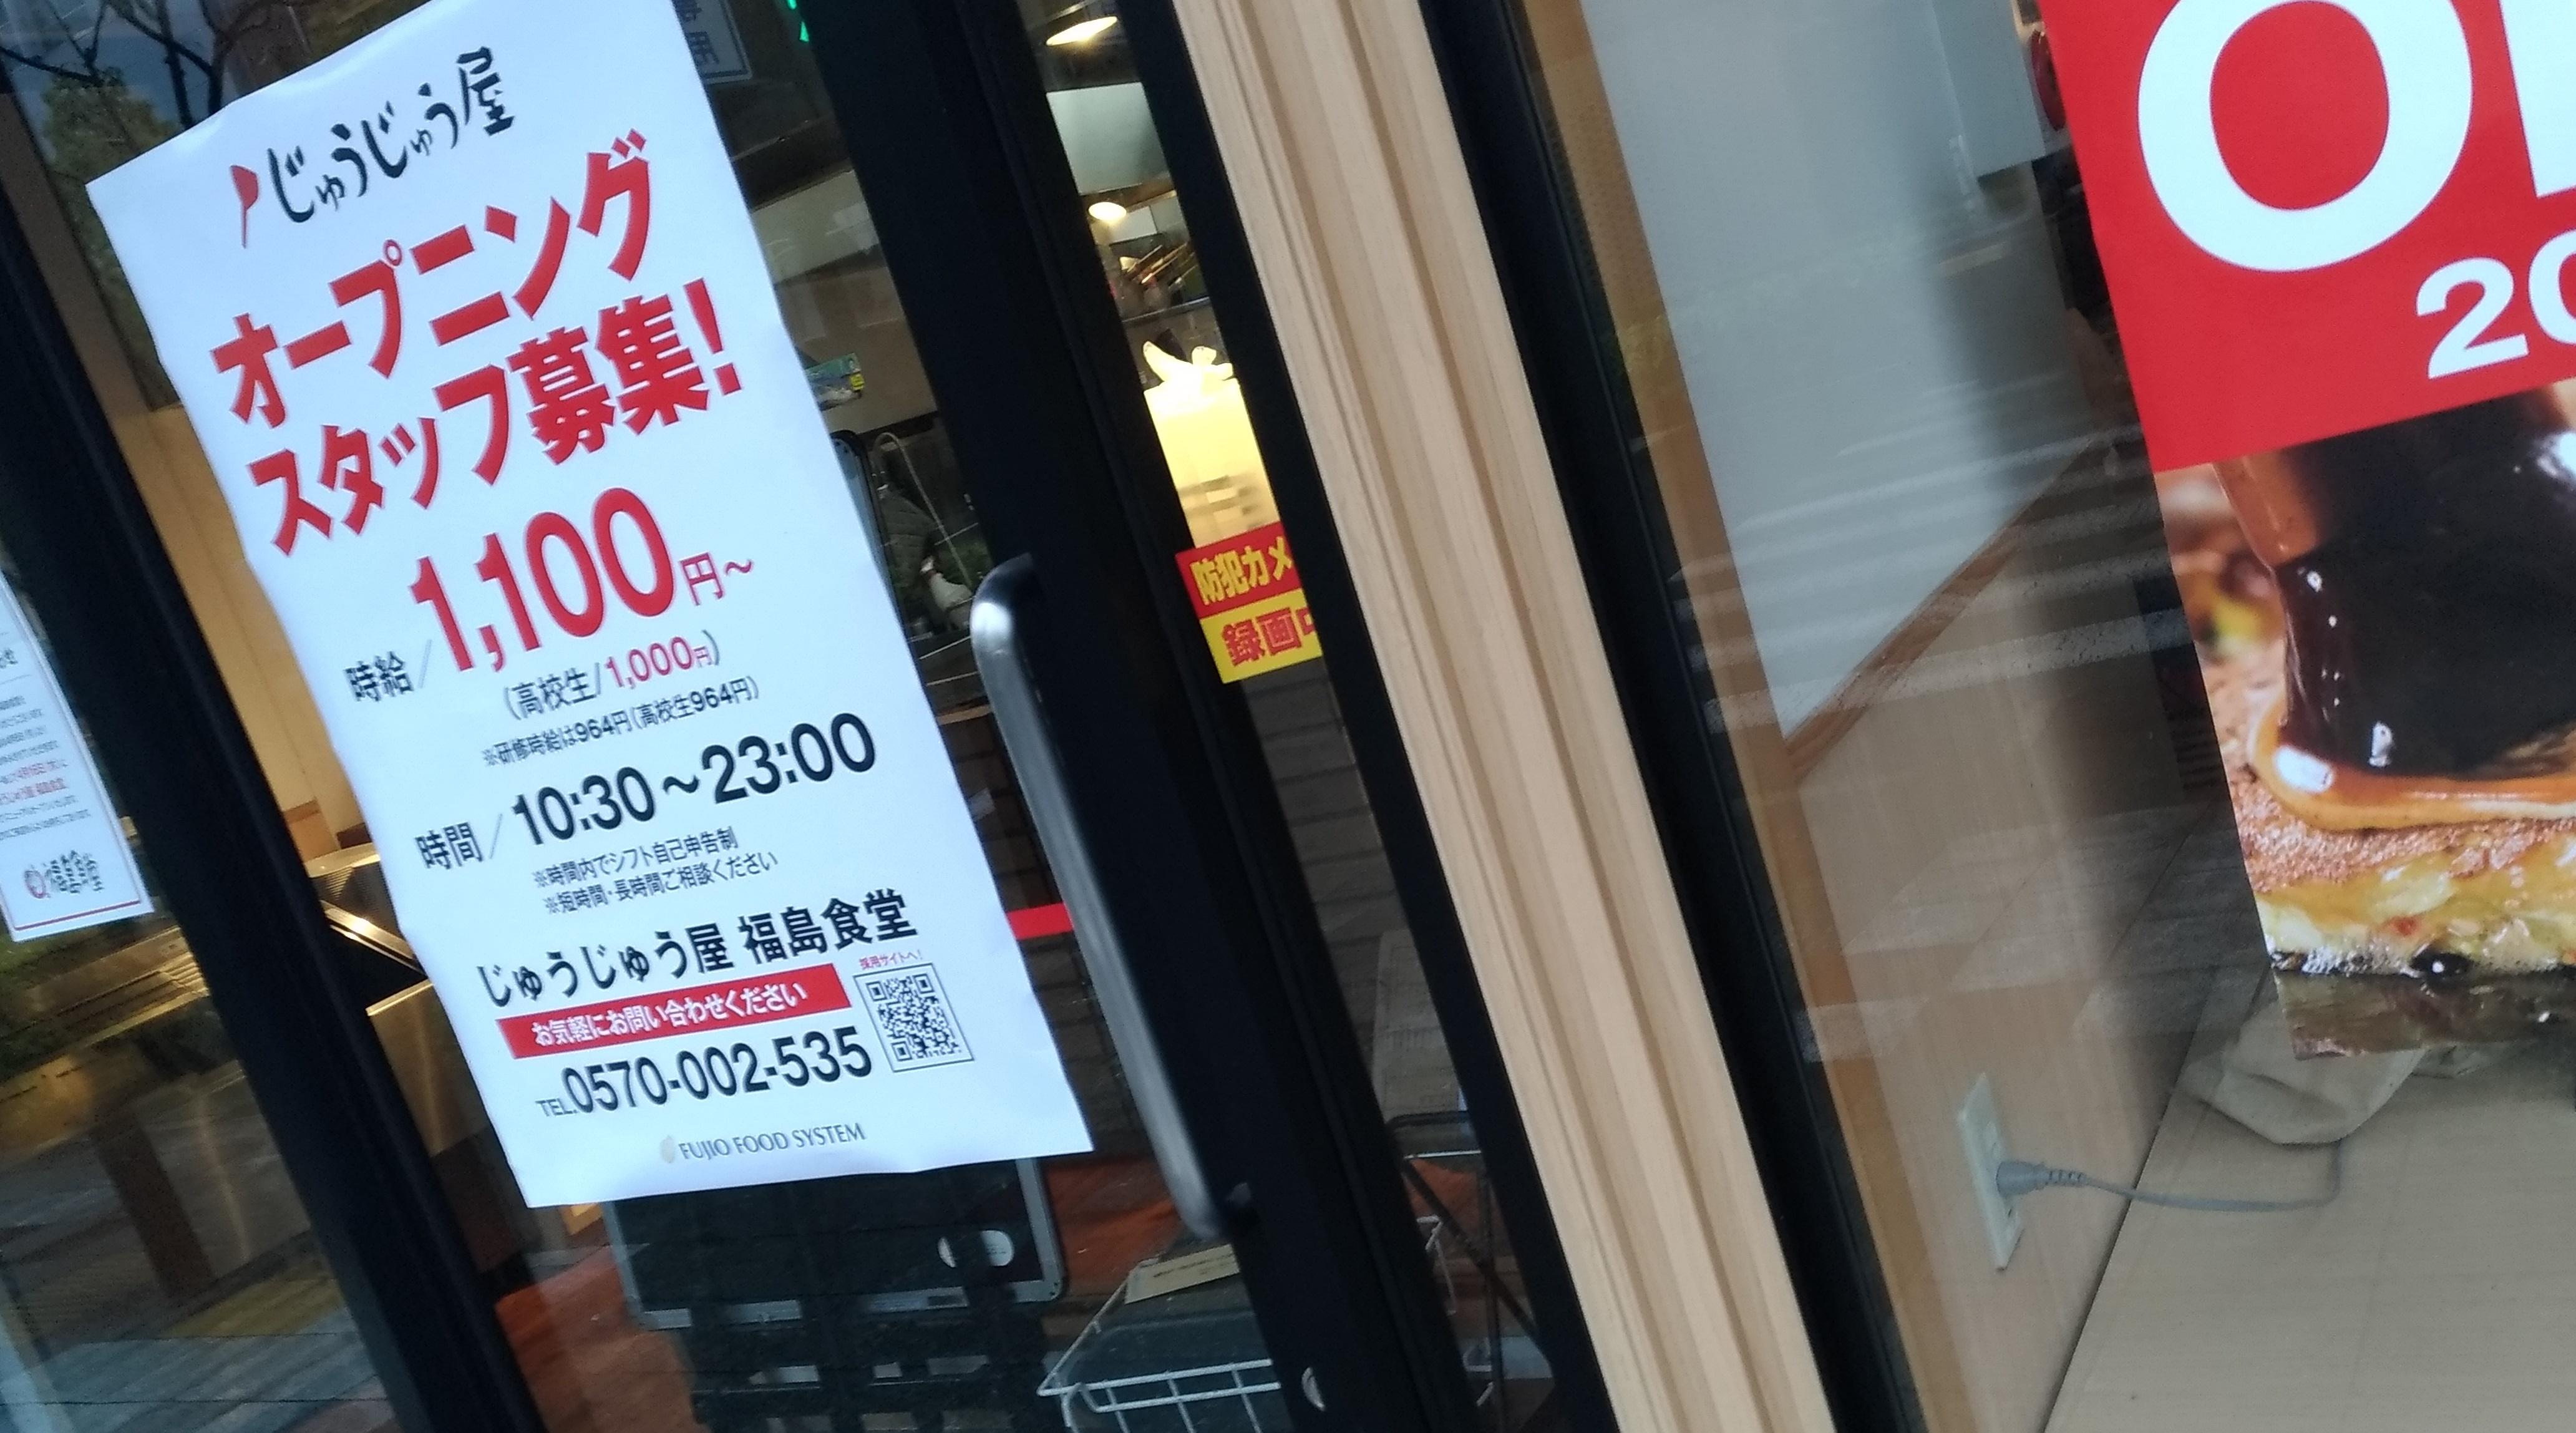 osaka_fukushima_open_shokudo_.jpg